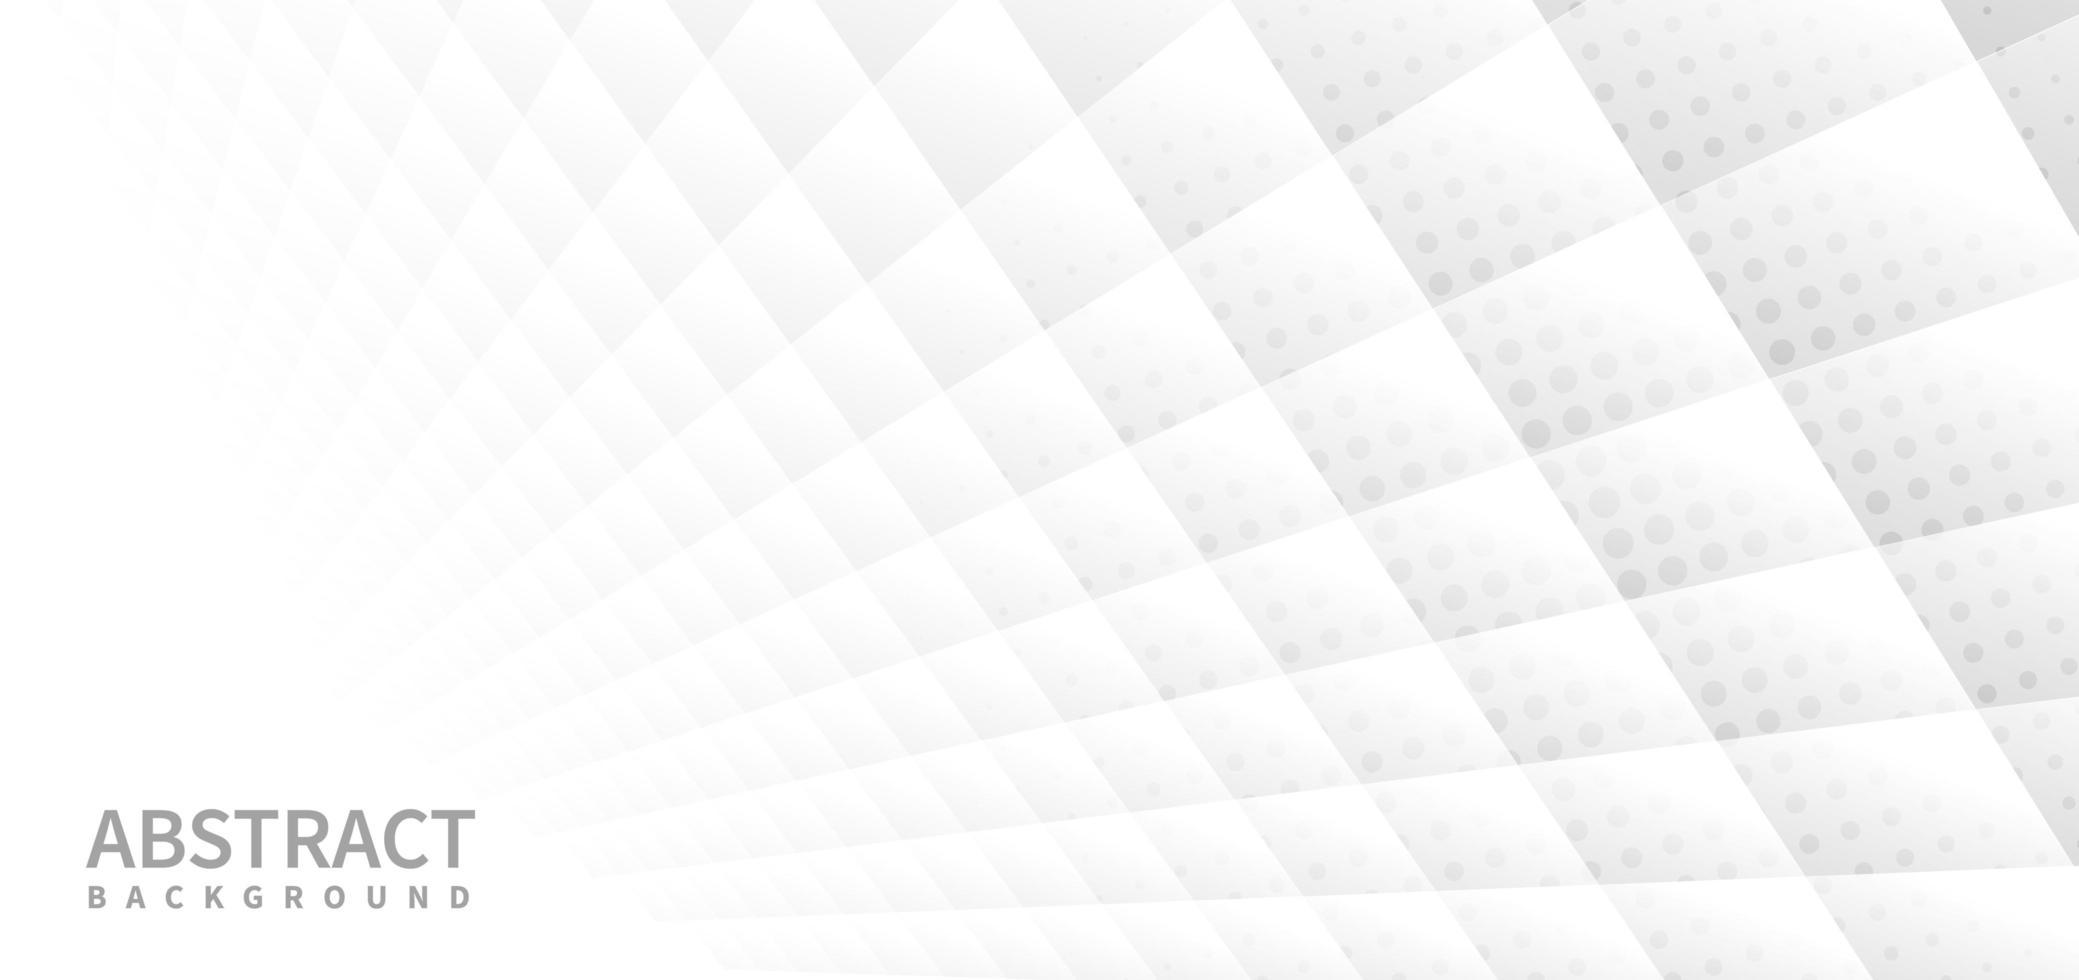 banner abstrato com fundo branco padrão geométrico vetor